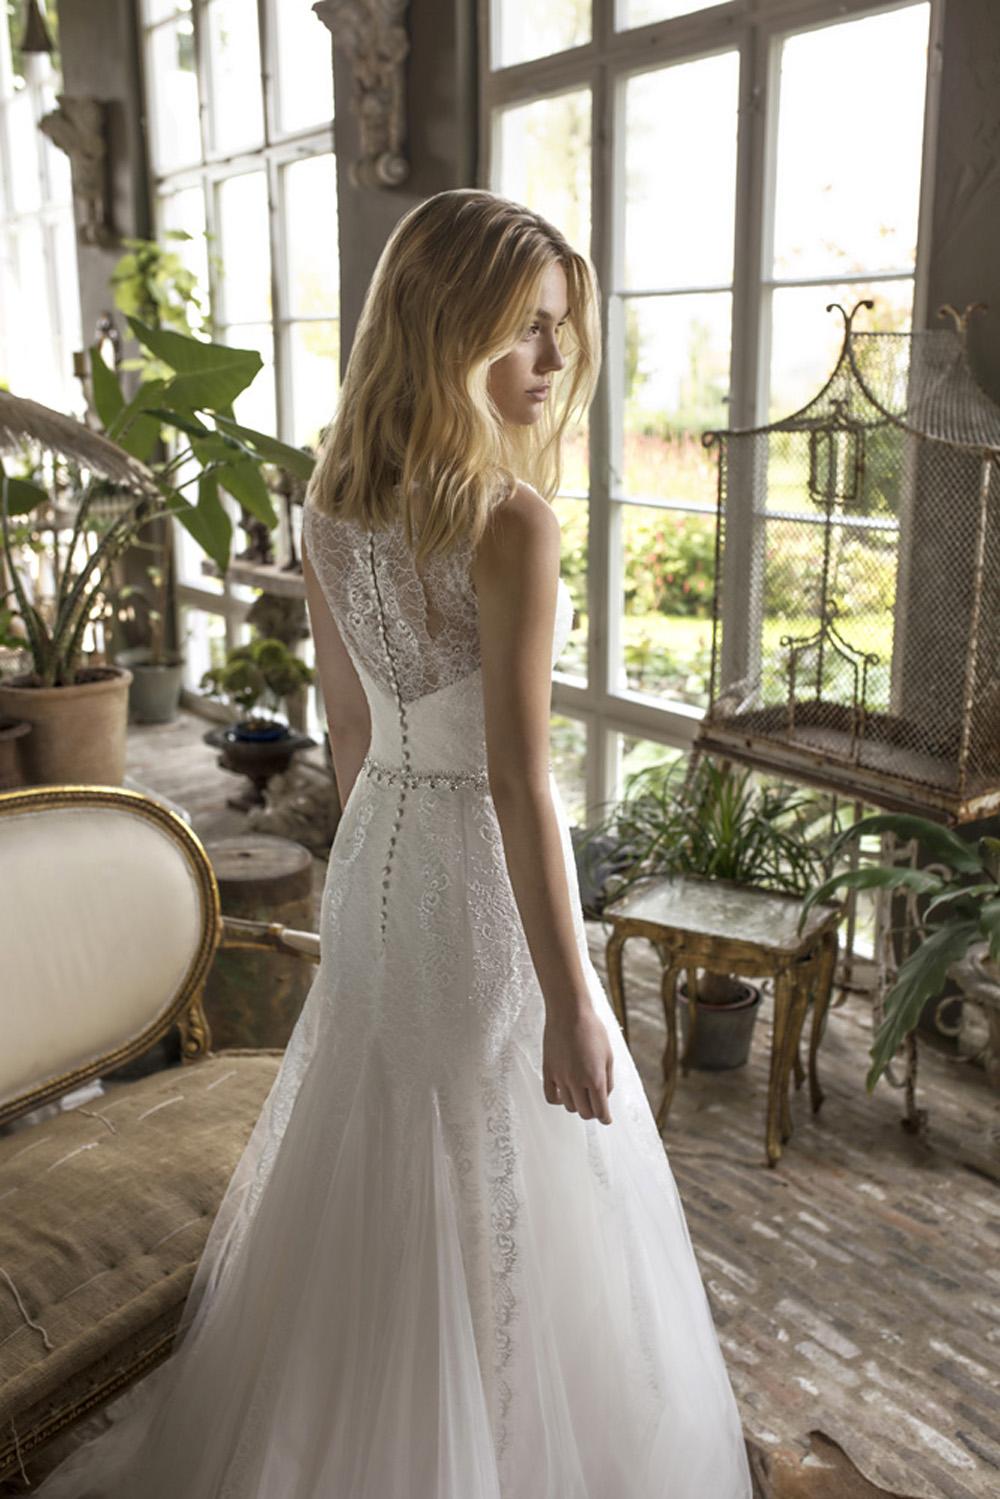 Romantische Brautkleider Im La Donna Hochzeitsatelier